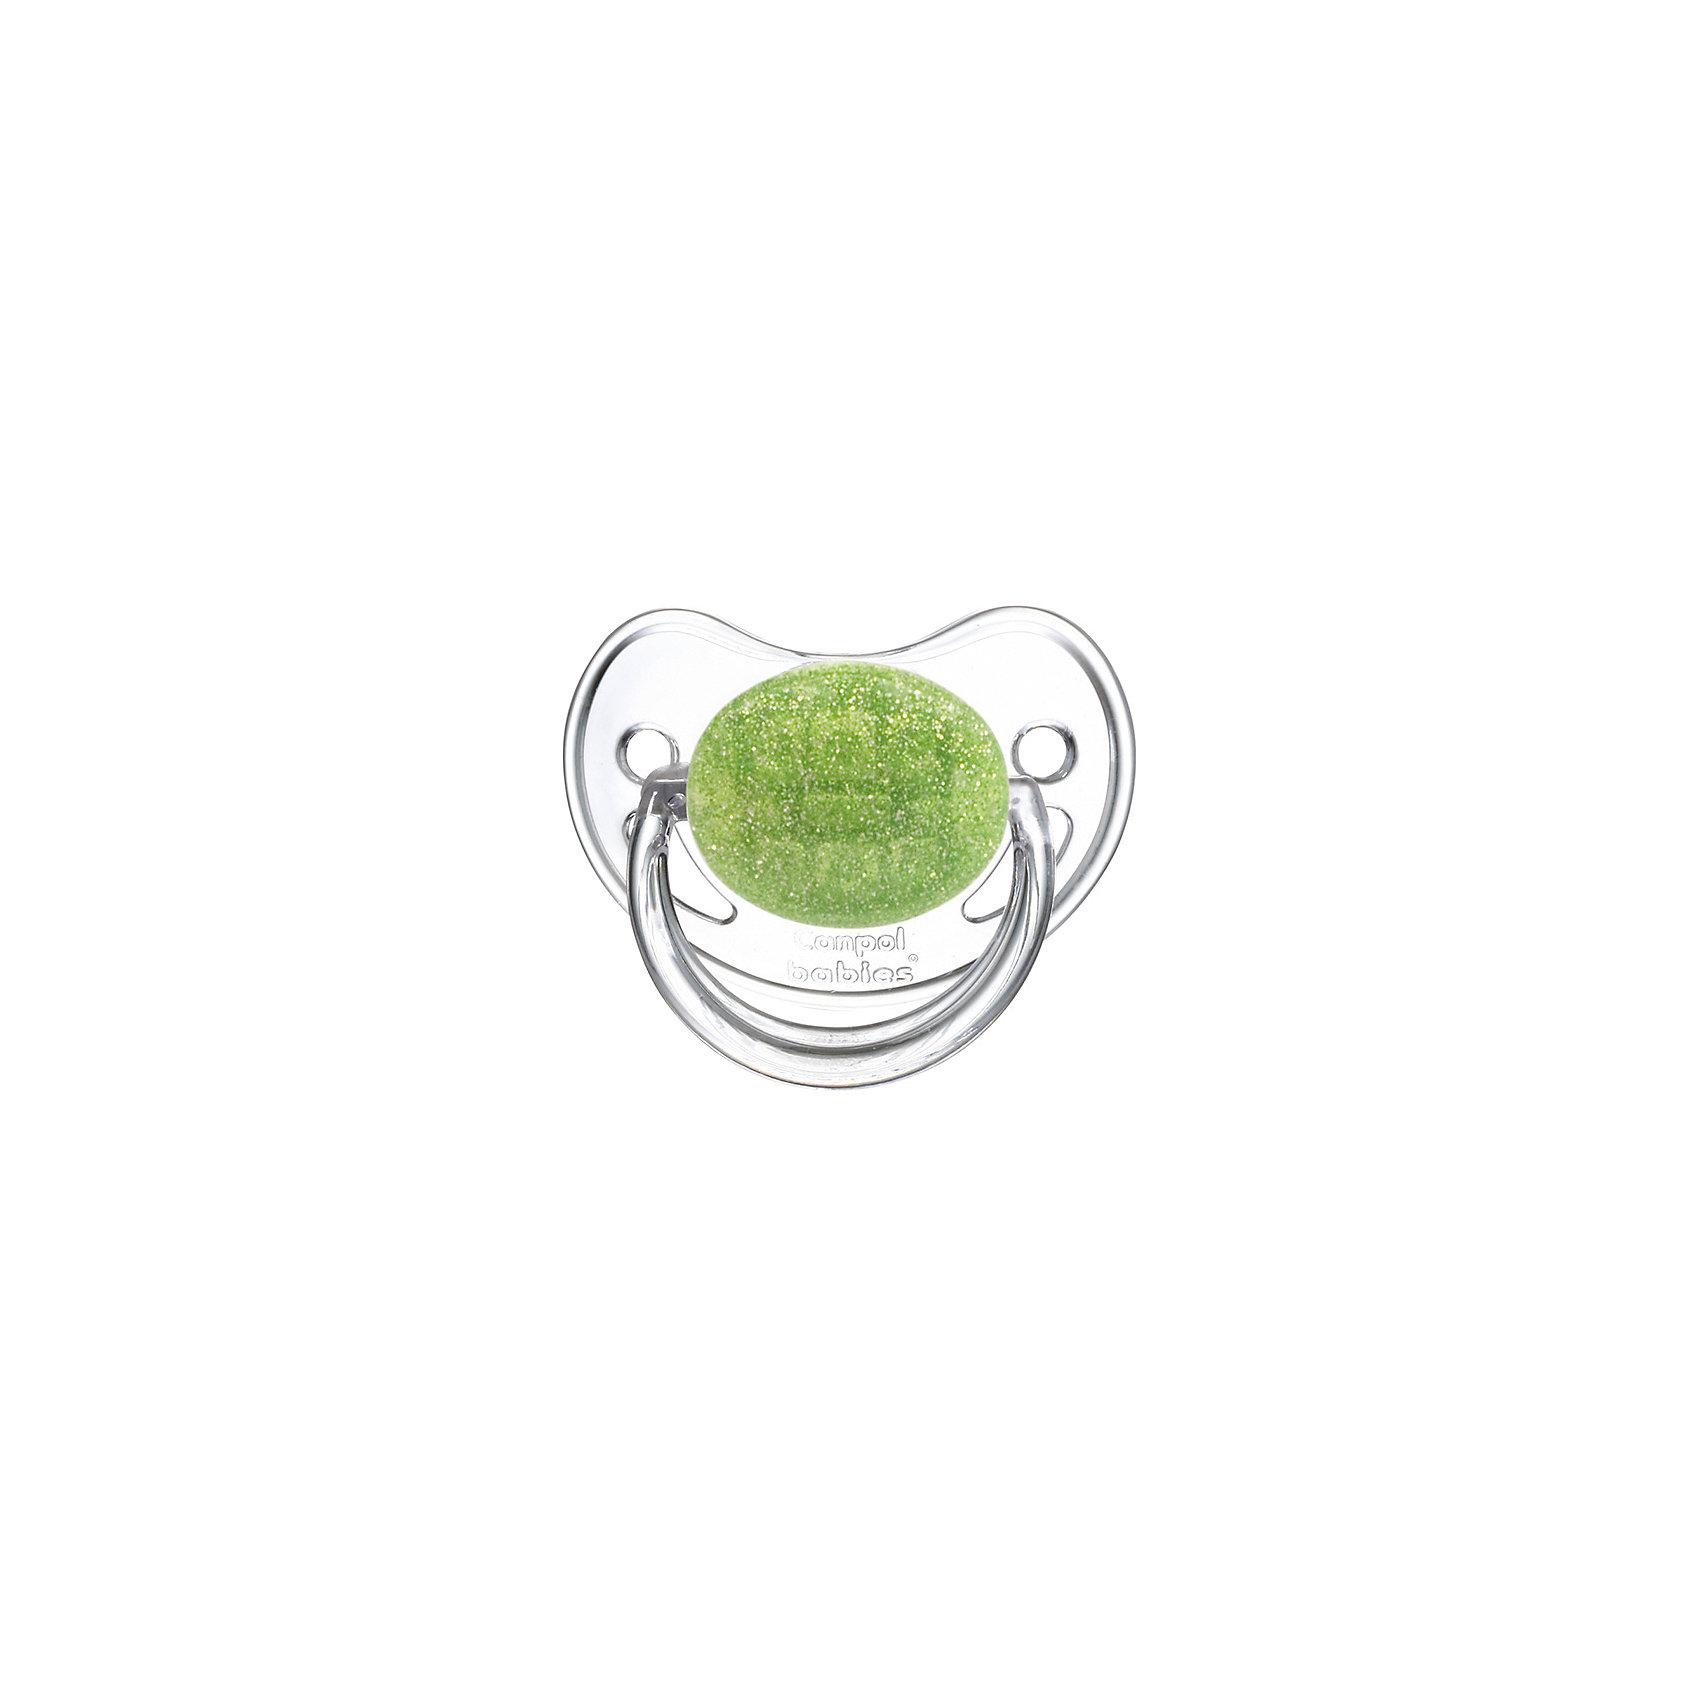 Пустышка круглая латексная, 6-18 Moonlight, Canpol Babies, зеленыйХарактеристики:<br><br>• Наименование: пустышка<br>• Пол: для девочки<br>• Материал: латекс, пластик<br>• Цвет: белый, зеленый<br>• Форма: круглая<br>• Наличие отверстий для вентиляции<br>• Наличие кольца для держателя<br>• Особенности ухода: регулярная стерилизация и своевременная замена<br><br>Пустышка круглая латексная, 6-18 Moonlight, Canpol Babies, зеленый имеет специальную форму, которая обеспечивает правильное давление на небо. Изготовлена из качественных и безопасных материалов. При правильном уходе обеспечивает длительное использование. У соски имеется ограничитель классической круглой формы с отверстиями для вентиляции и кольцо для держателя. Пустышка круглая латексная, 6-18 Moonlight, Canpol Babies, зеленый выполнена в стильном дизайне с эффектом серебристо-зеленого мерцания.<br><br>Пустышку круглую латексную, 6-18 Moonlight, Canpol Babies, зеленую можно купить в нашем интернет-магазине.<br><br>Ширина мм: 95<br>Глубина мм: 45<br>Высота мм: 155<br>Вес г: 110<br>Возраст от месяцев: 6<br>Возраст до месяцев: 18<br>Пол: Женский<br>Возраст: Детский<br>SKU: 5156635